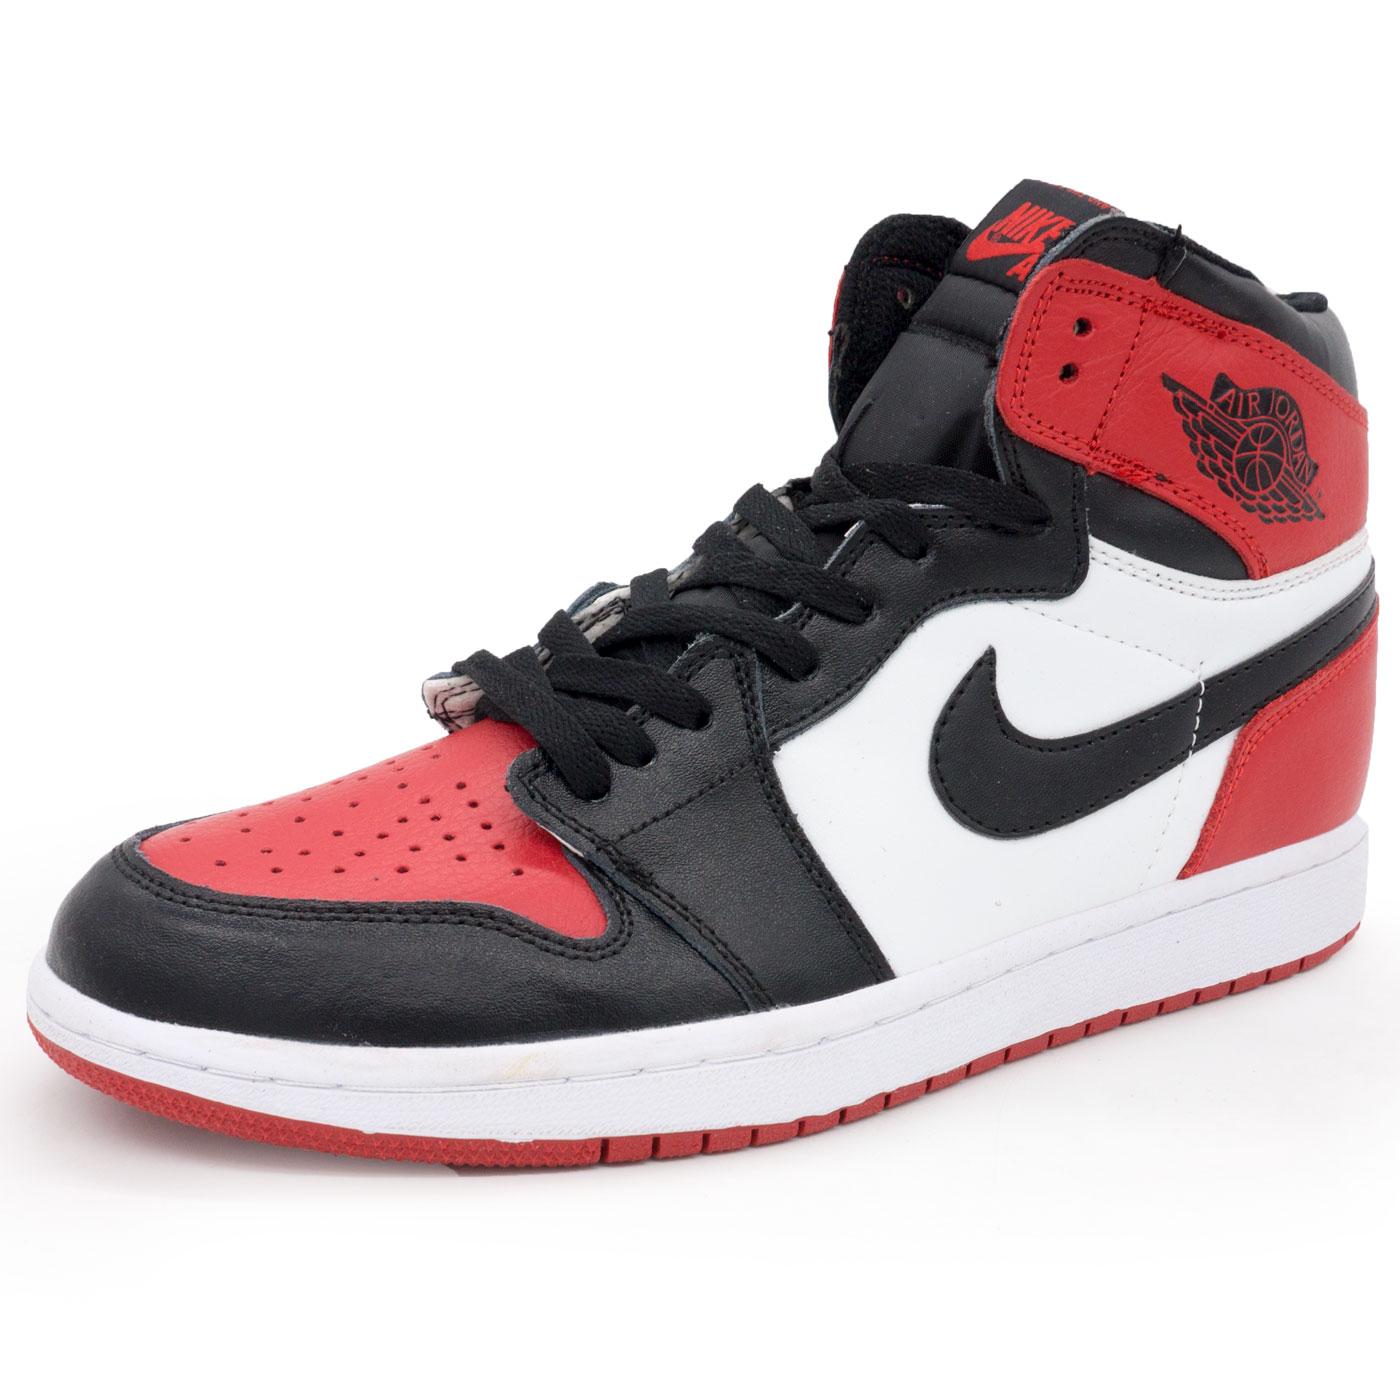 c1880a6a664a Высокие кожаные черные c белым и красным кроссовки Nike Air Jordan 1 ...